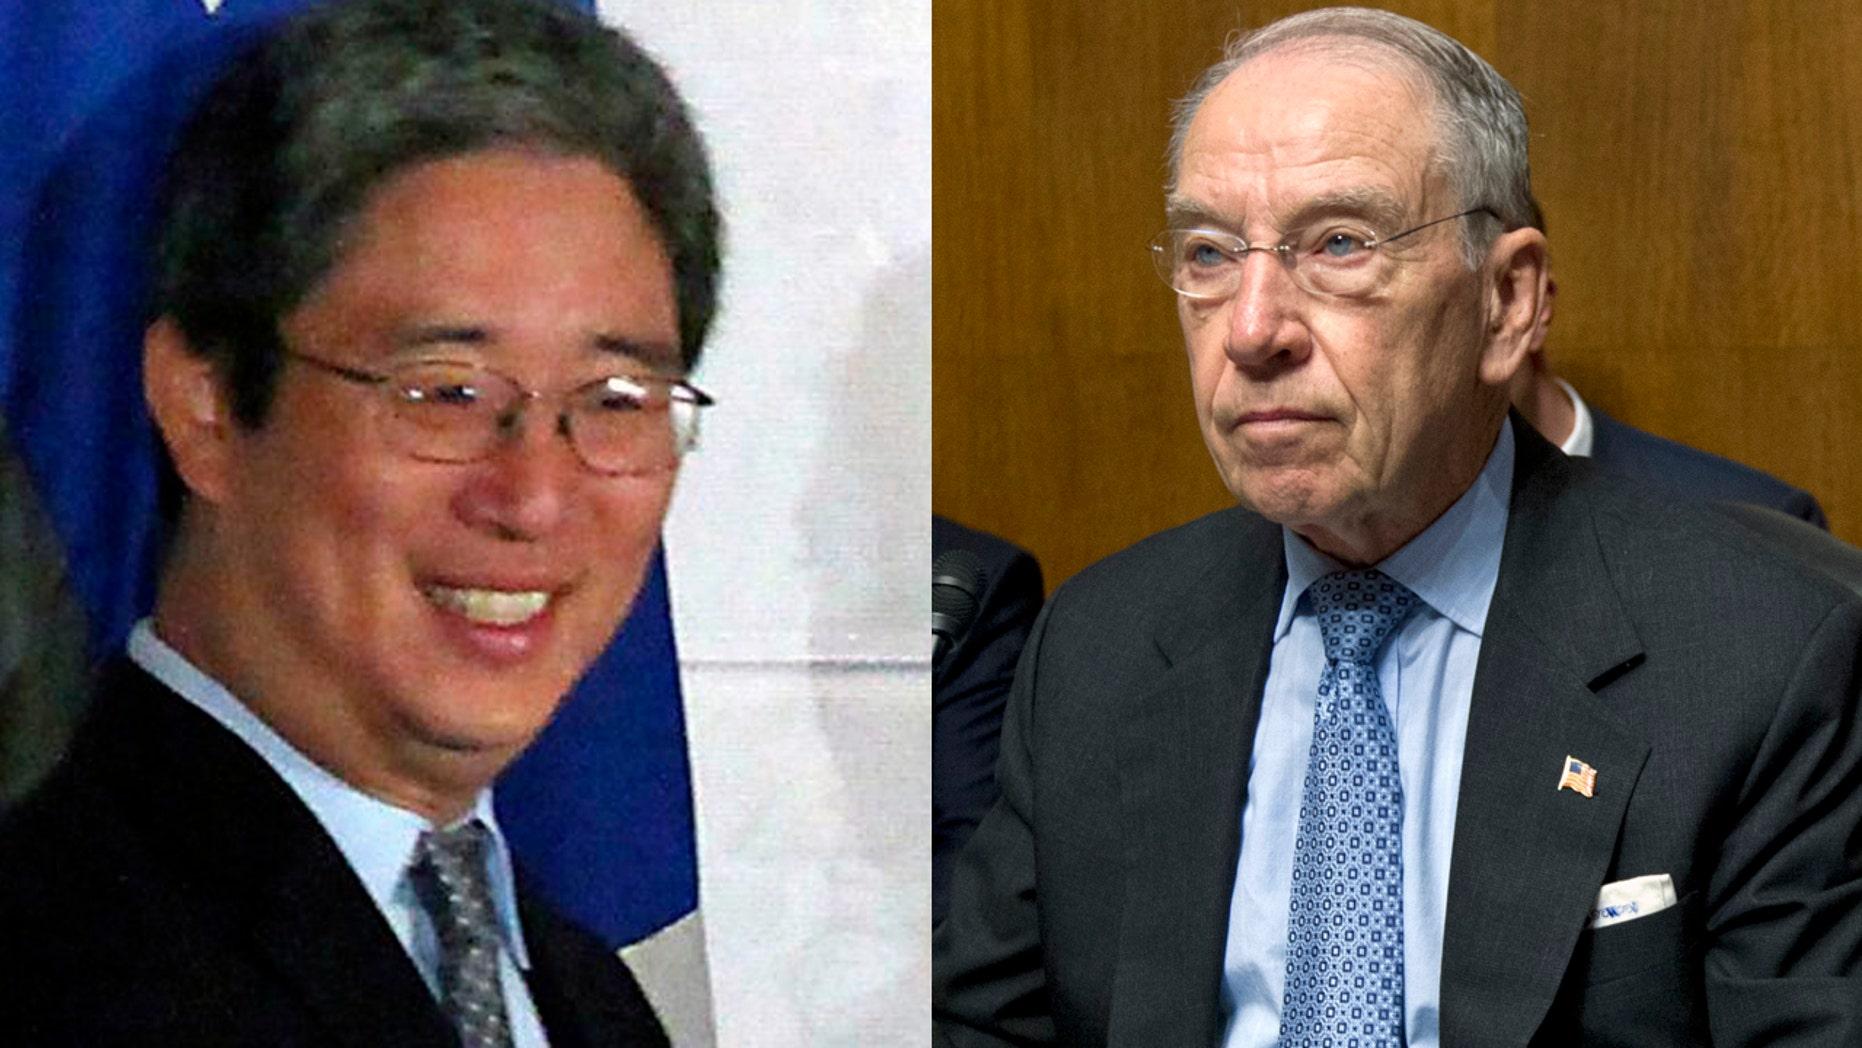 Bruce Ohr, left, and Sen. Chuck Grassley, R-Iowa.